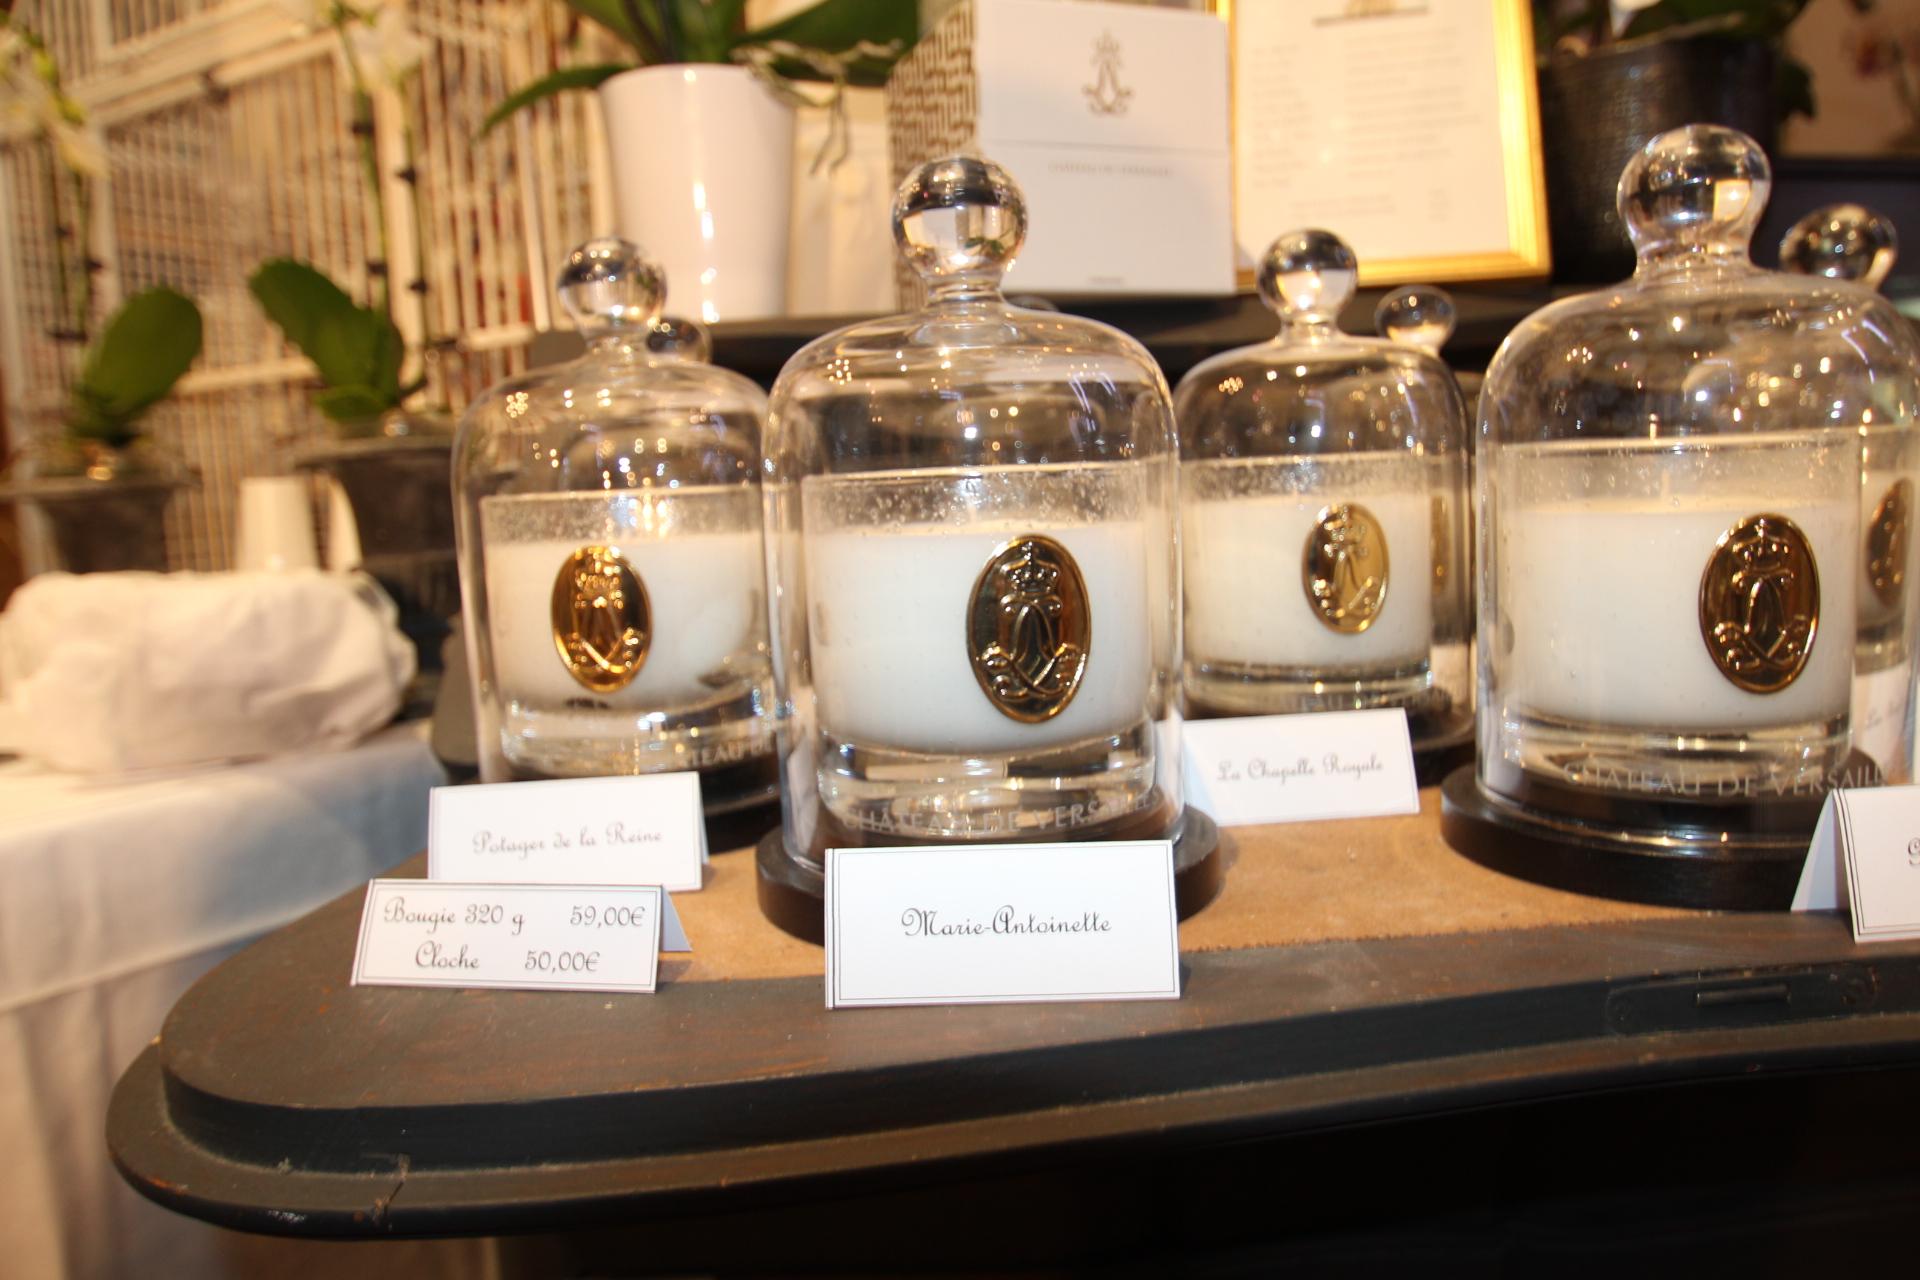 Le comptoir des orchid es - Le comptoir du petit marguery paris 13 ...